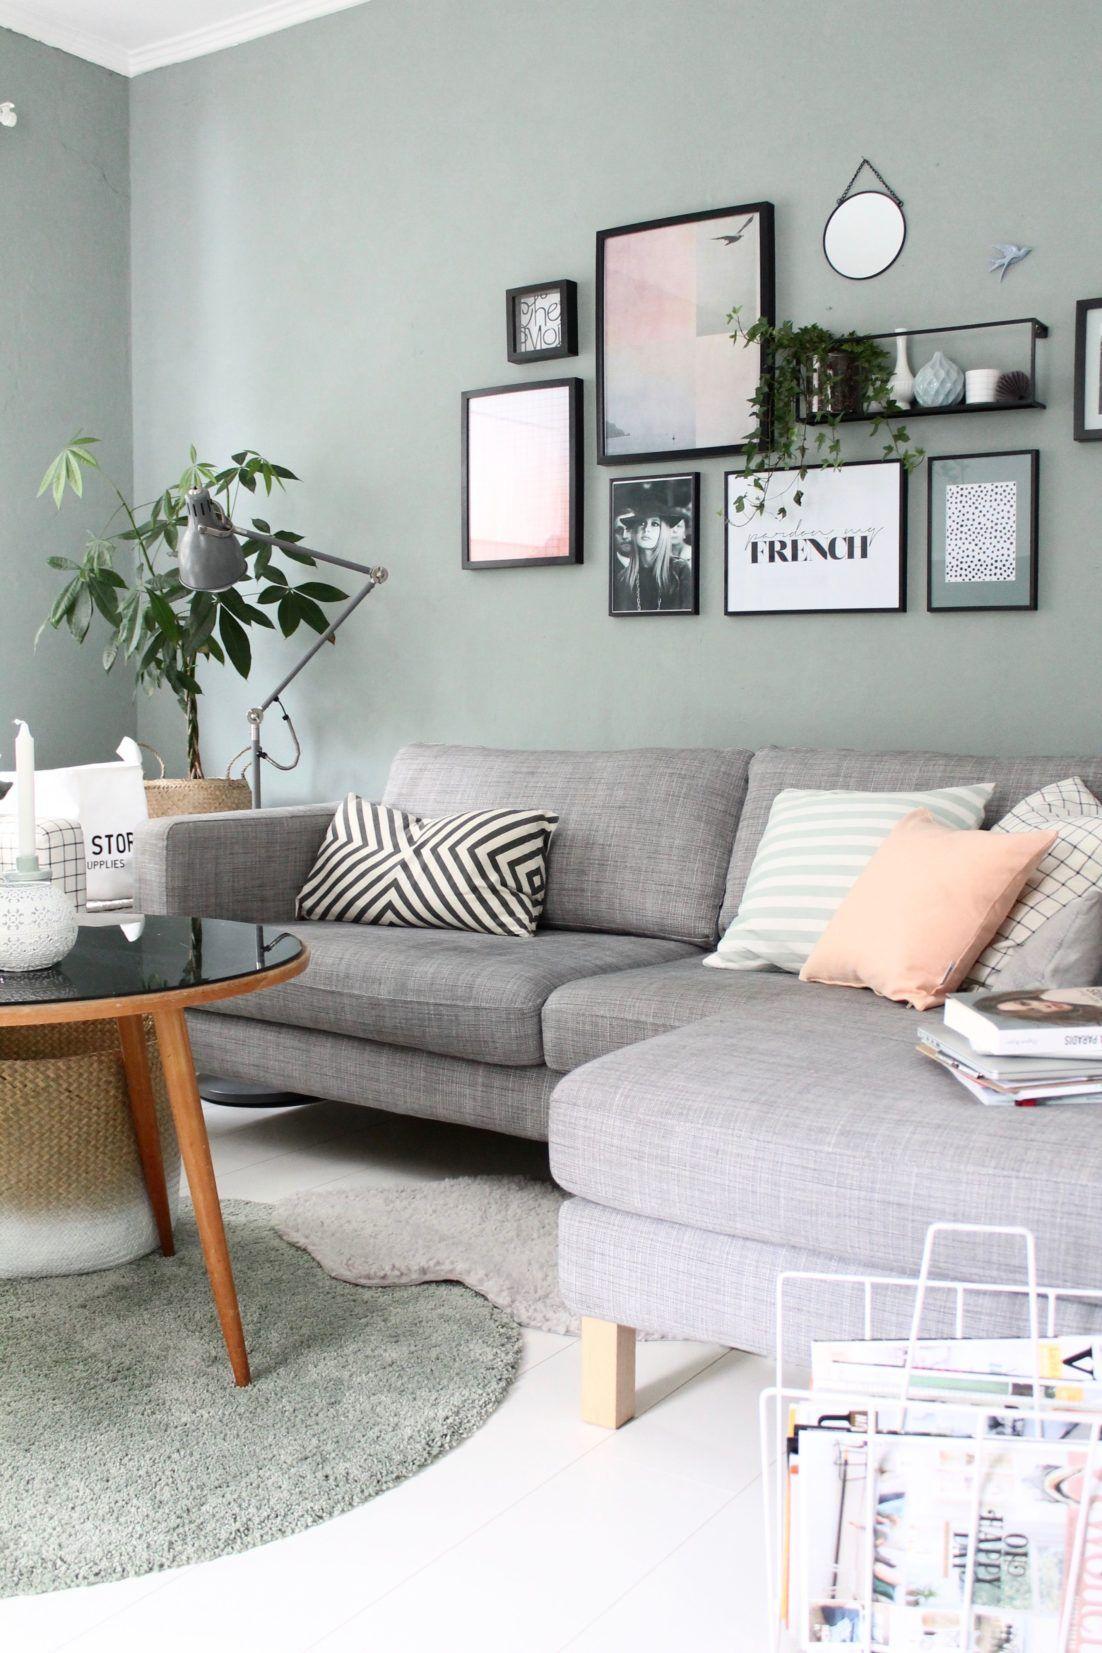 Full Size of Wandfarbe Wohnzimmer Blau Grau Graue Couch Kamin Bad Renovieren Ideen Tisch Decken Deckenlampen Vorhänge Für Indirekte Beleuchtung Lampe Heizkörper Wohnzimmer Wohnzimmer Ideen